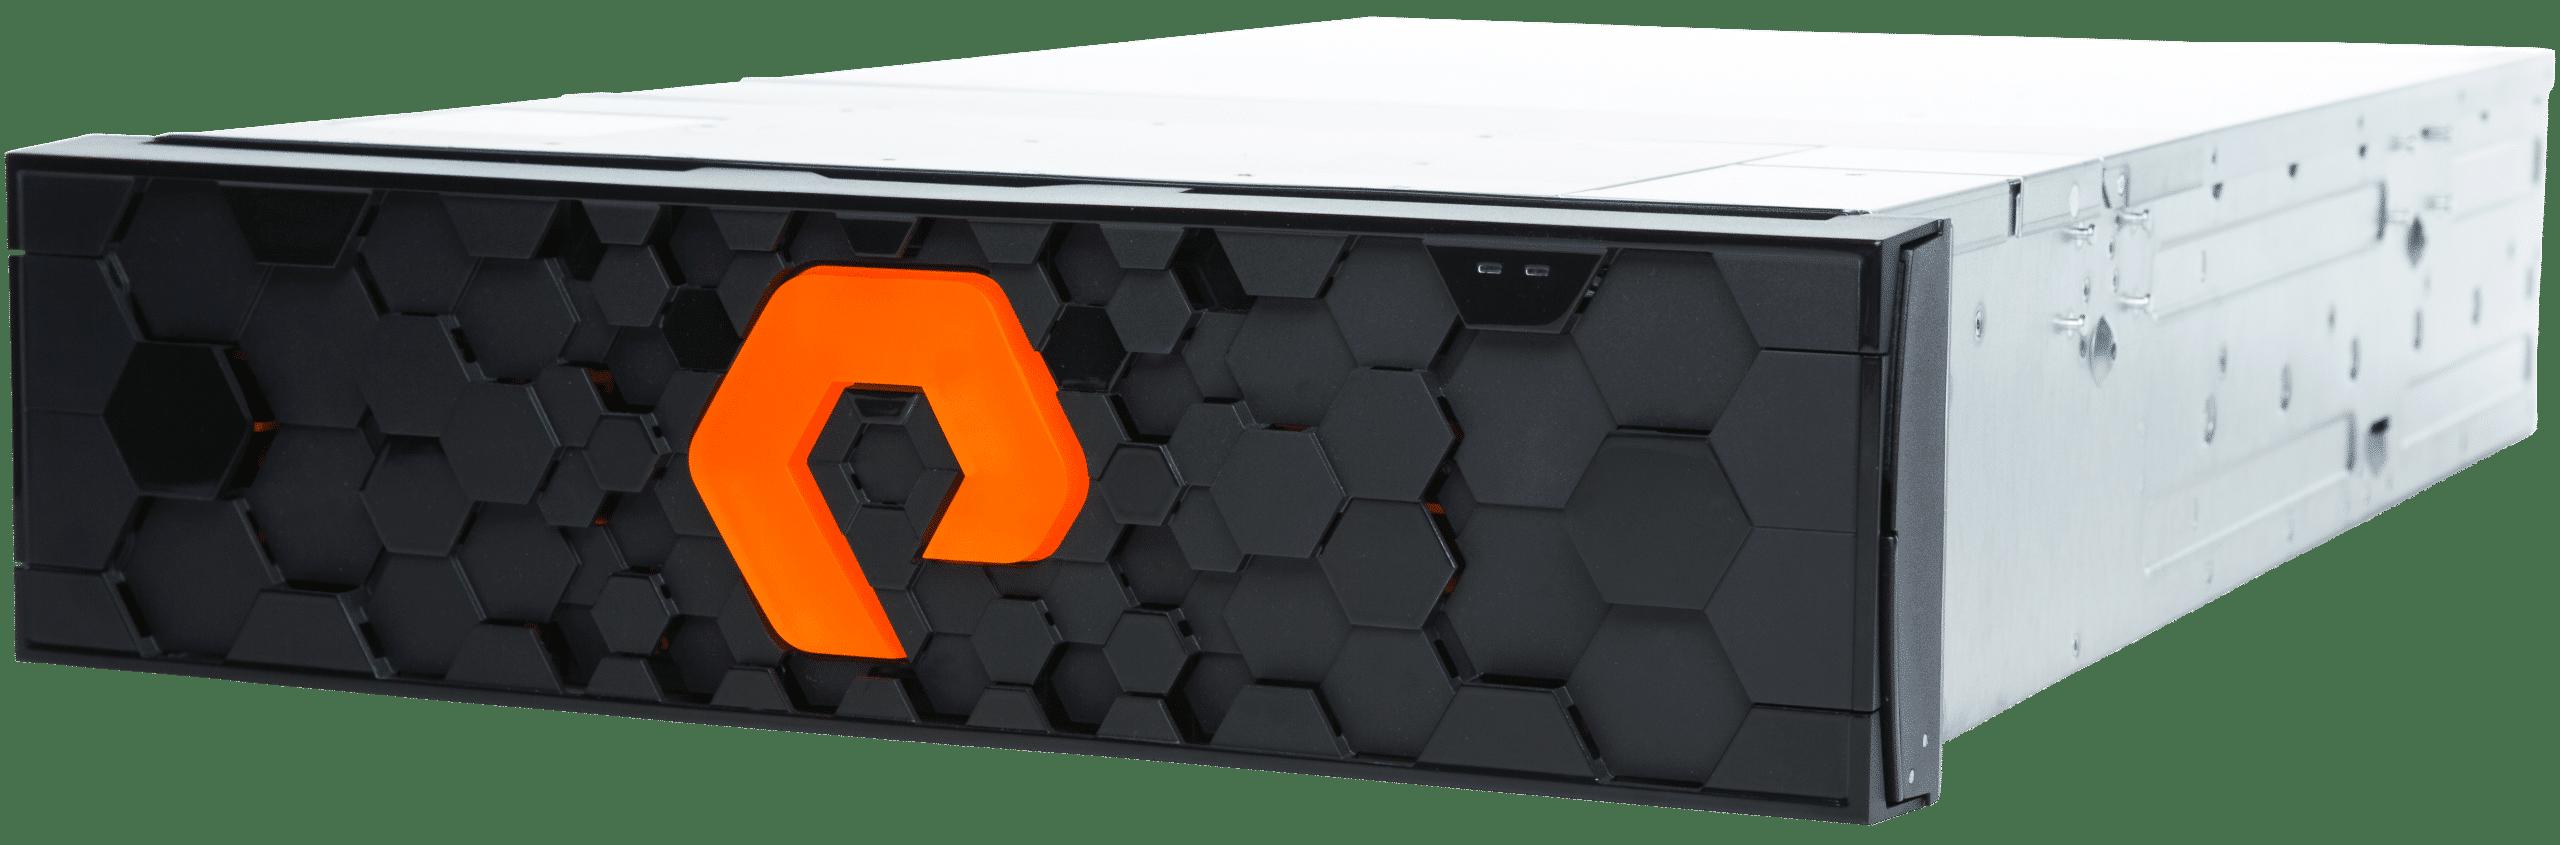 Pure Storage's shared storage appliance